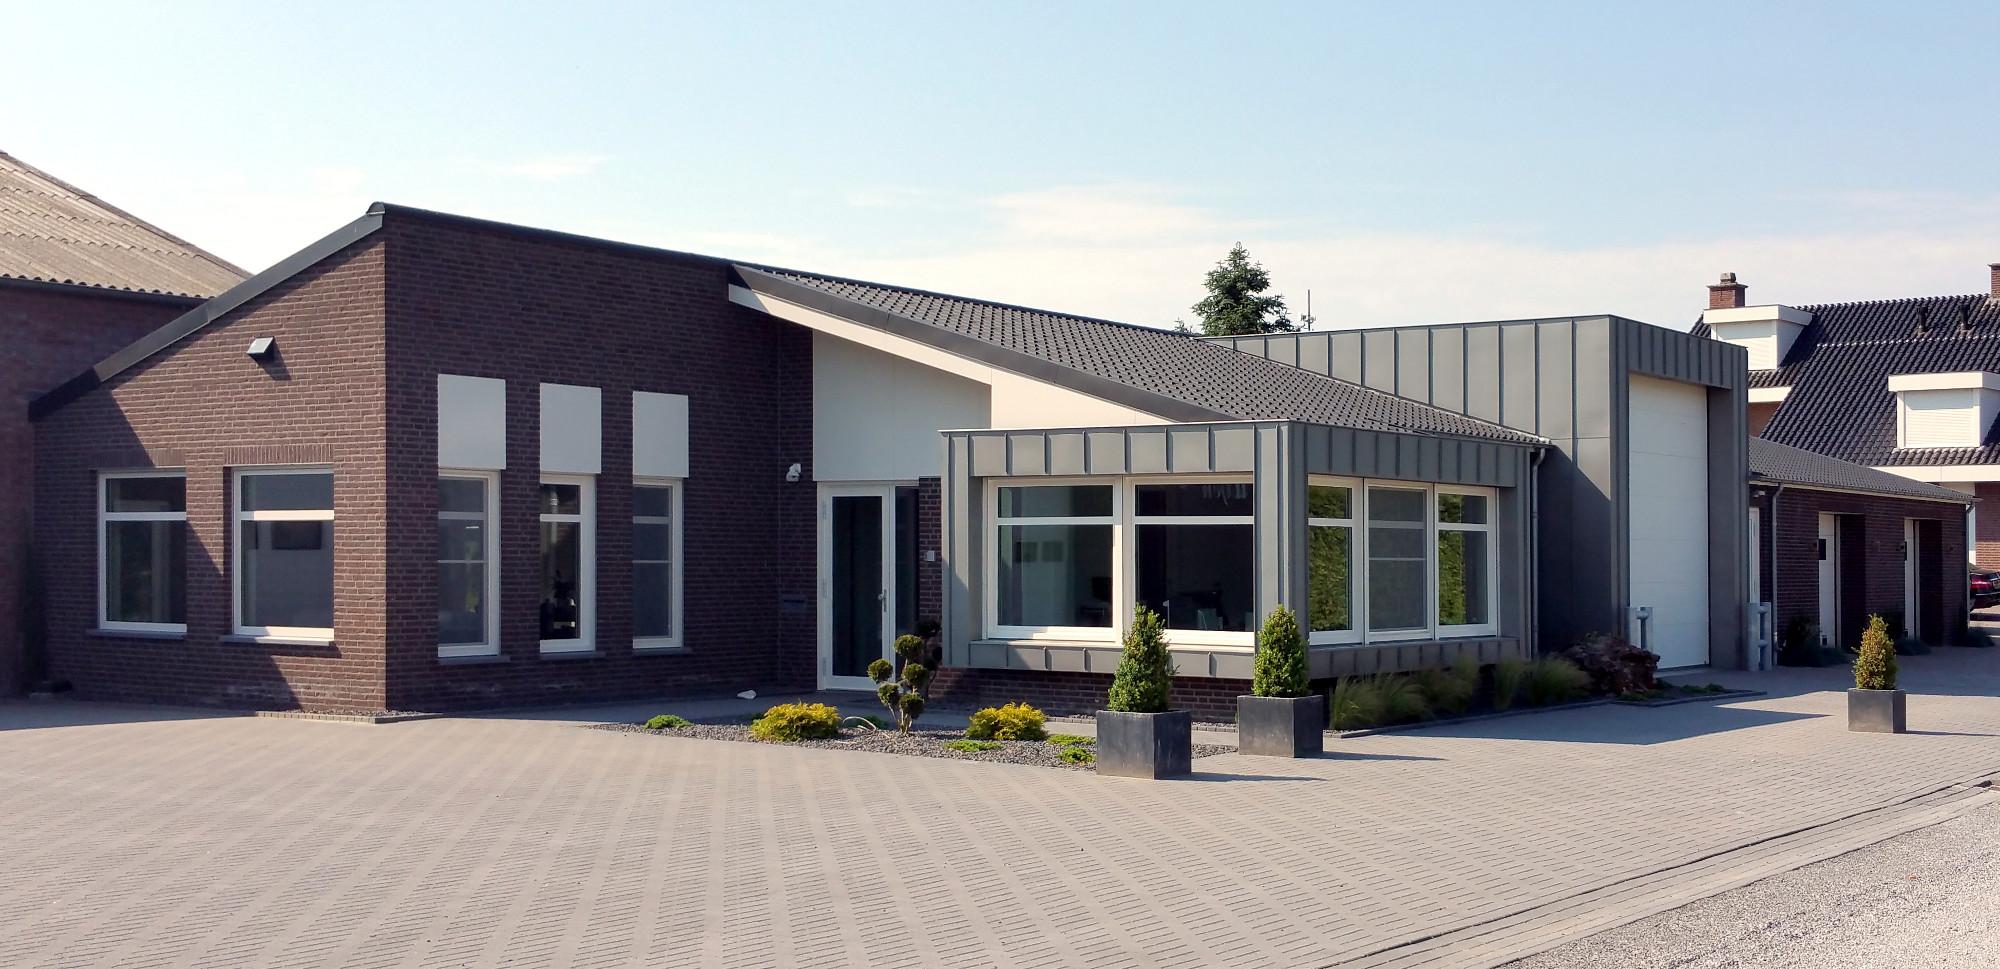 BEELEN-CS-architecten-Eindhoven-uitbreiding-bedrijfspand-Houtsberg-Leveroy